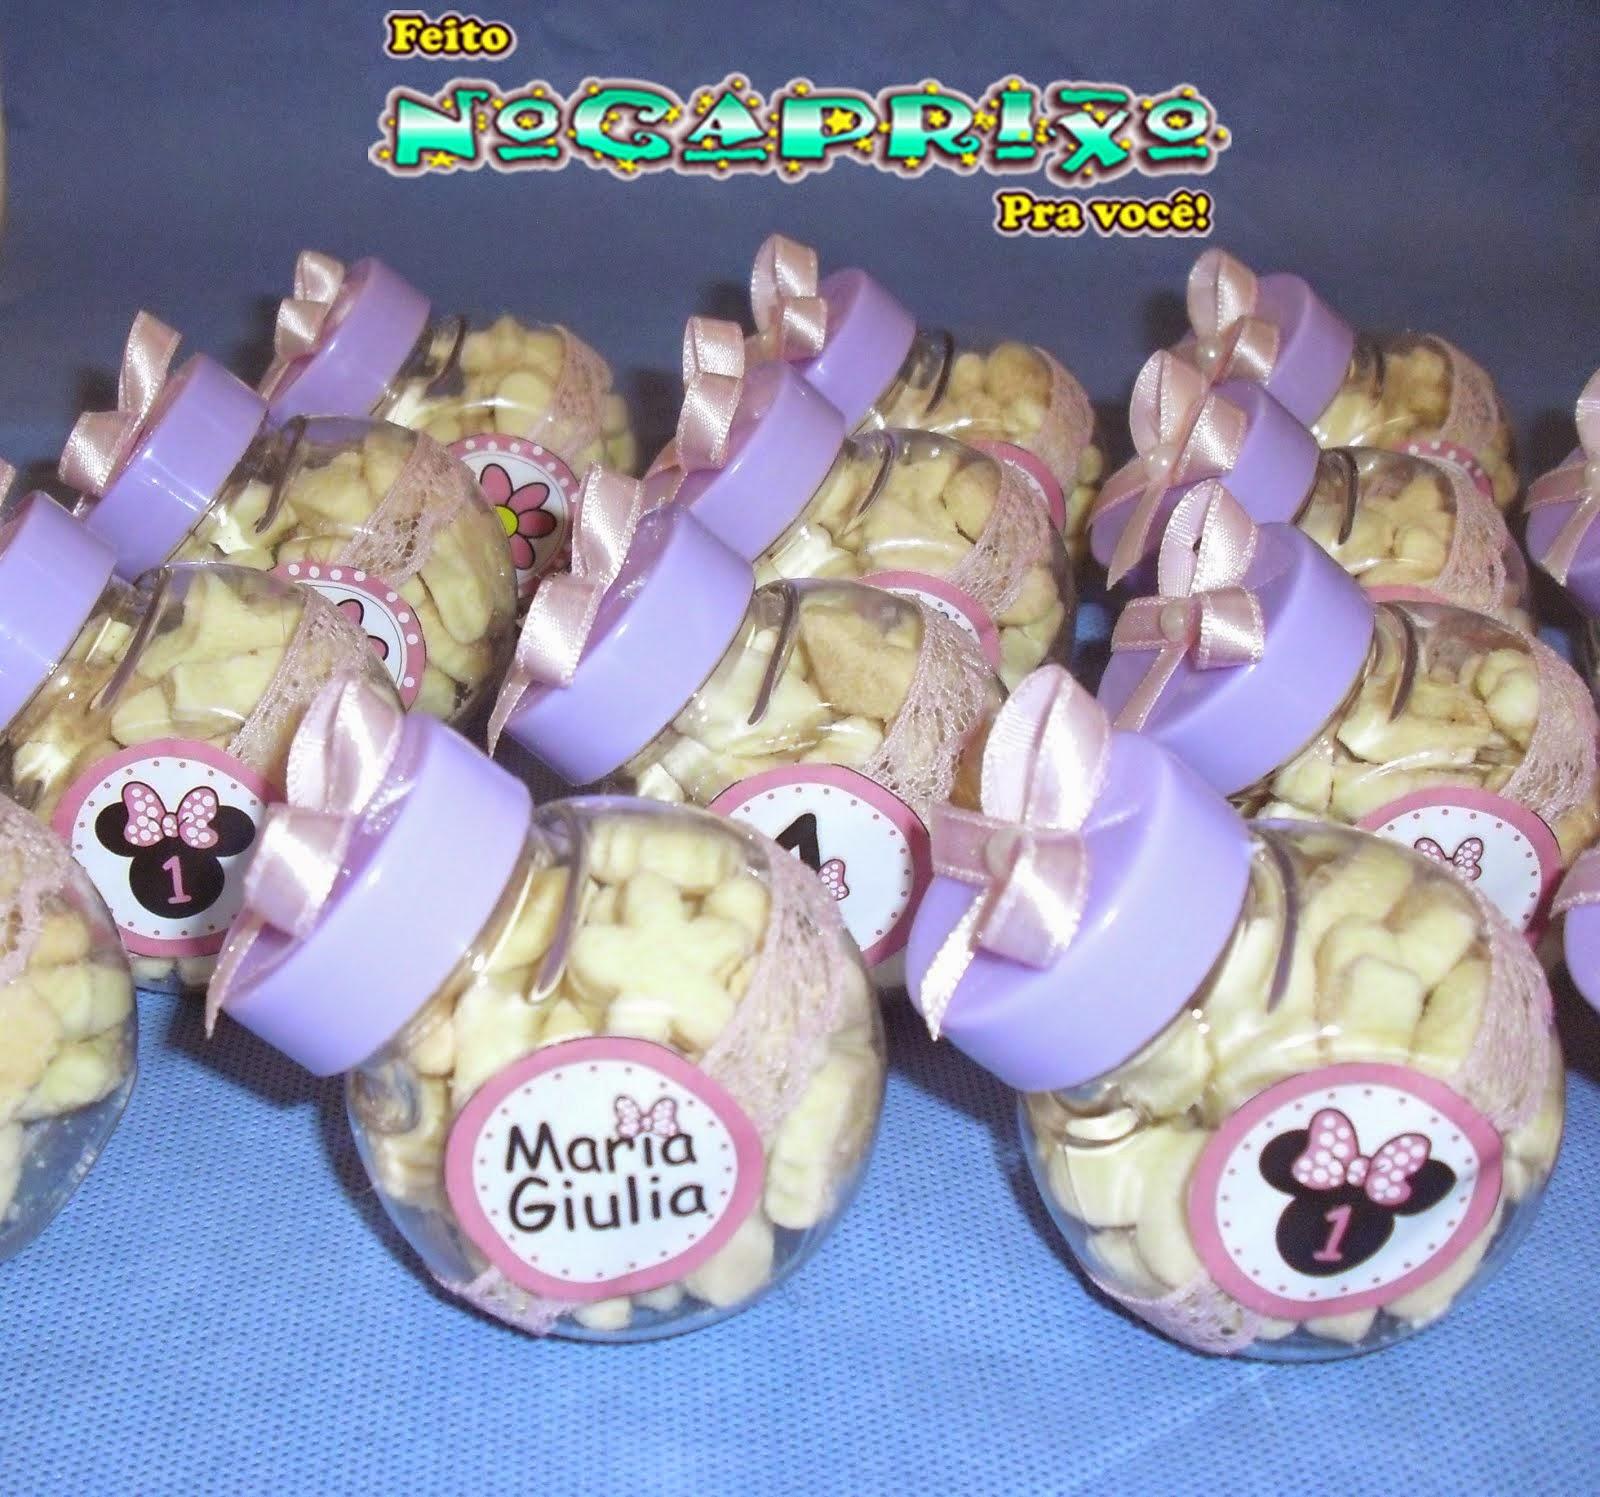 Mimos NoCaprixo-A festinha da pequena Maria Giulia ficou caprixado com mimos personalizados